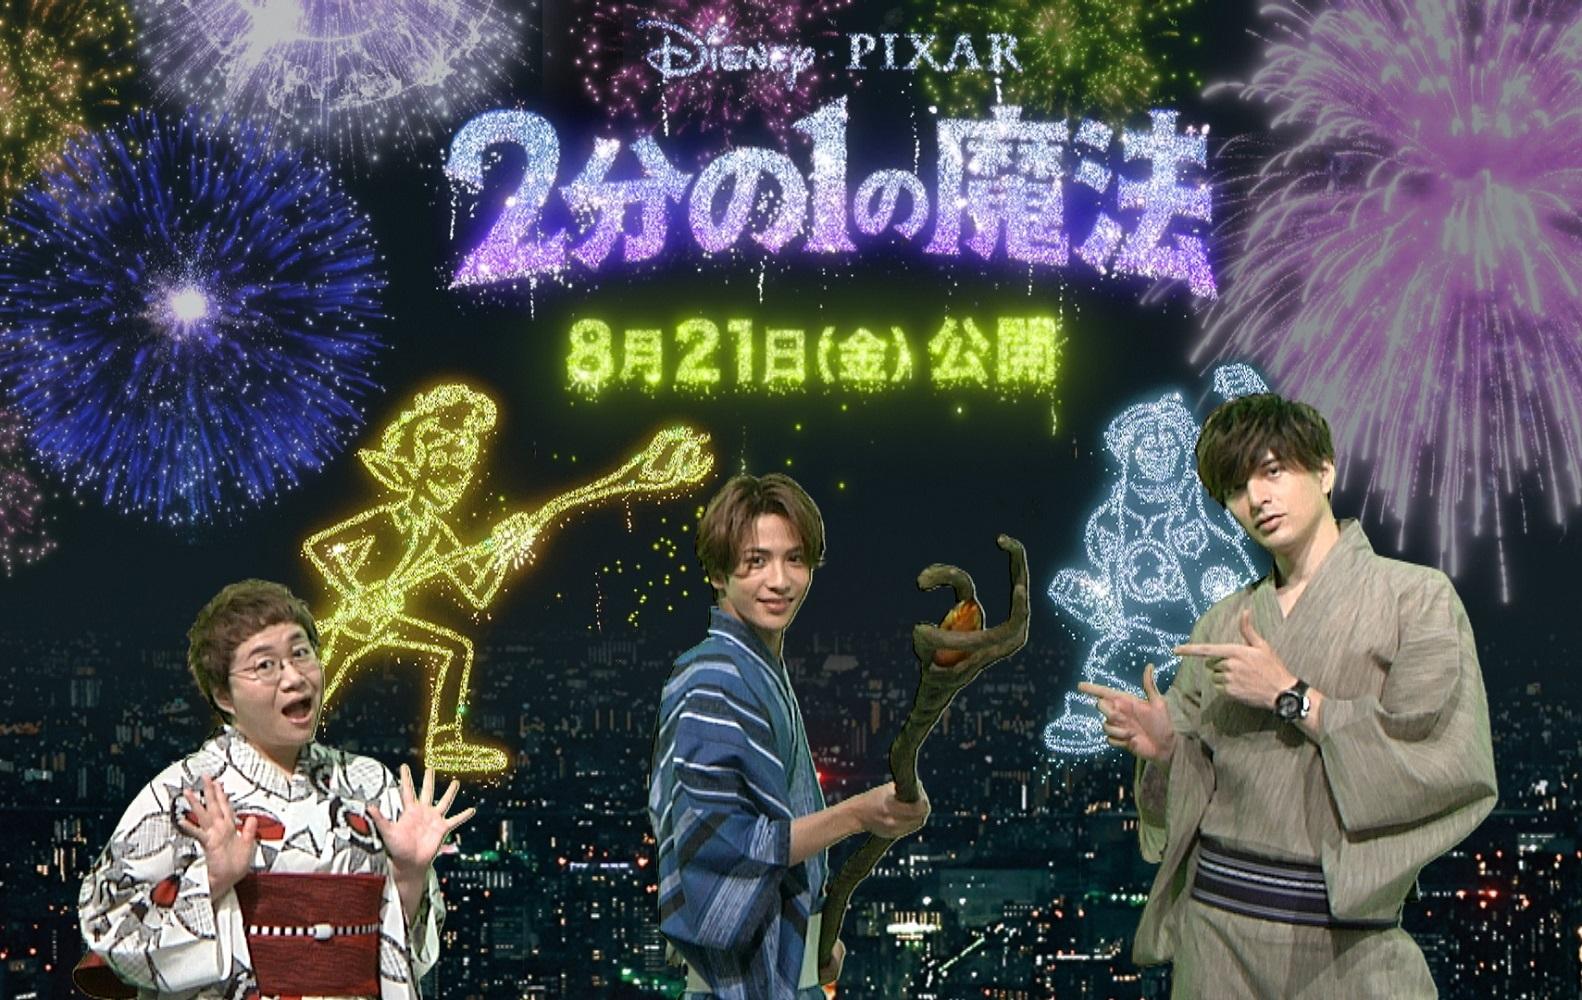 左から、近藤春菜、志尊淳、城田優 『2分の1の魔法』オンライン花火大会  (C)2020 Disney/Pixar. All Rights Reserved.